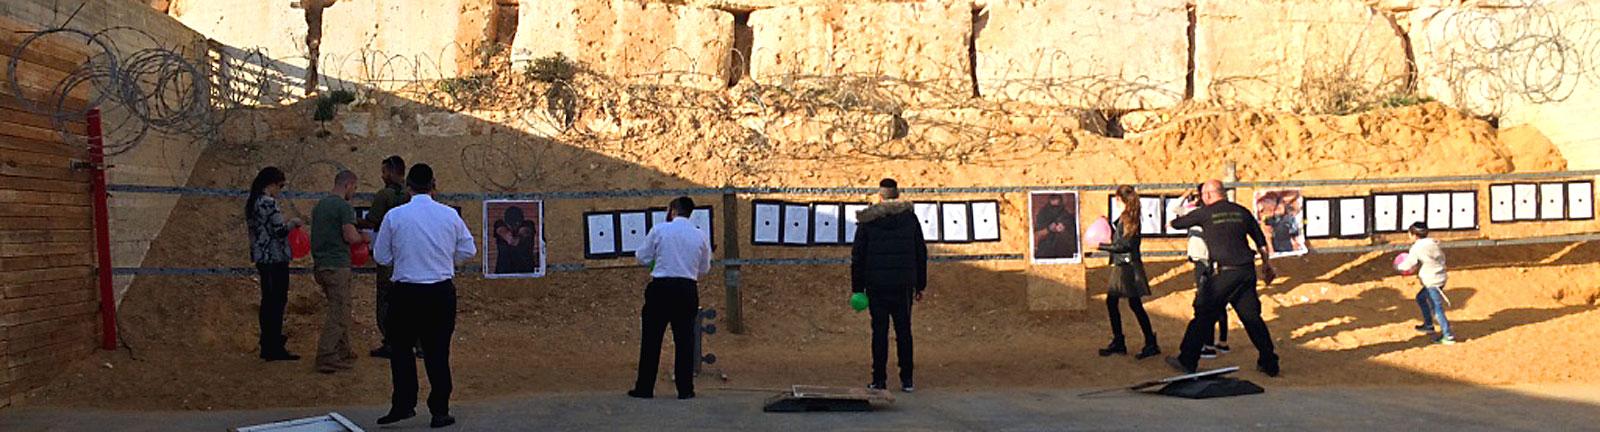 Touristen in Israel stehen vor einer Mauer an der Zielscheiben hängen